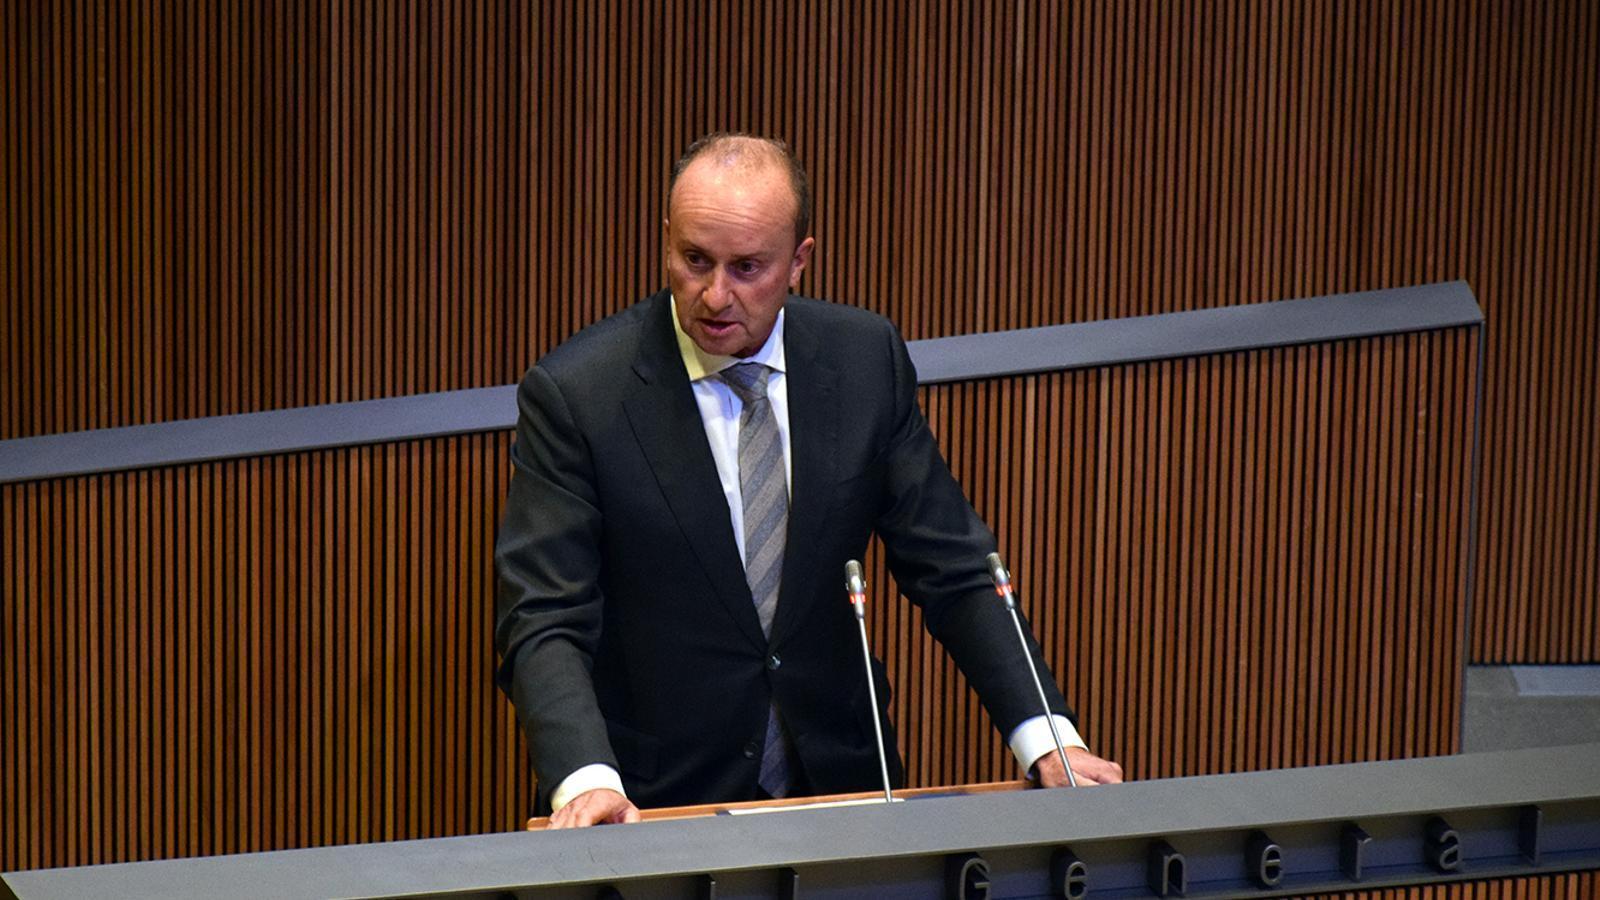 El ministre de Justícia i Interior, Josep Maria Rossell, al Consell General. / MF